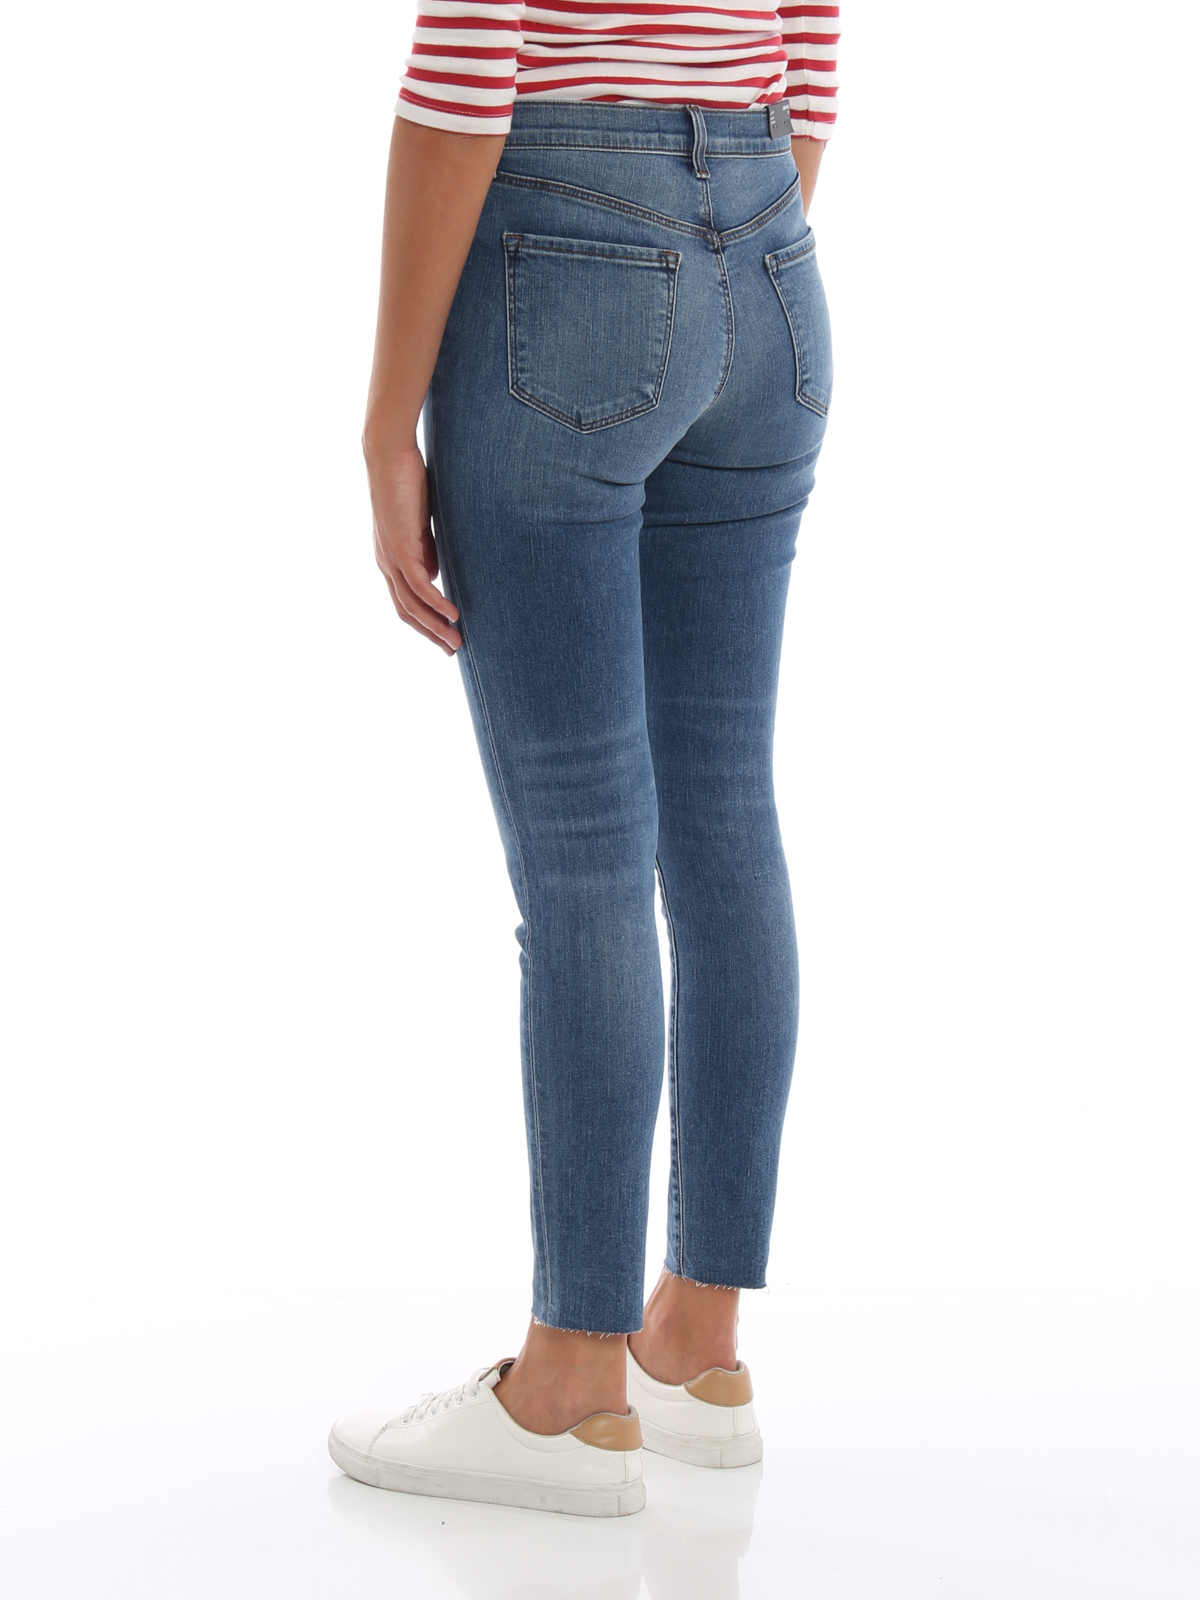 64d833f3ee952 J Brand - Alana skinny jeans - skinny jeans - JB001038 DELPHI ...